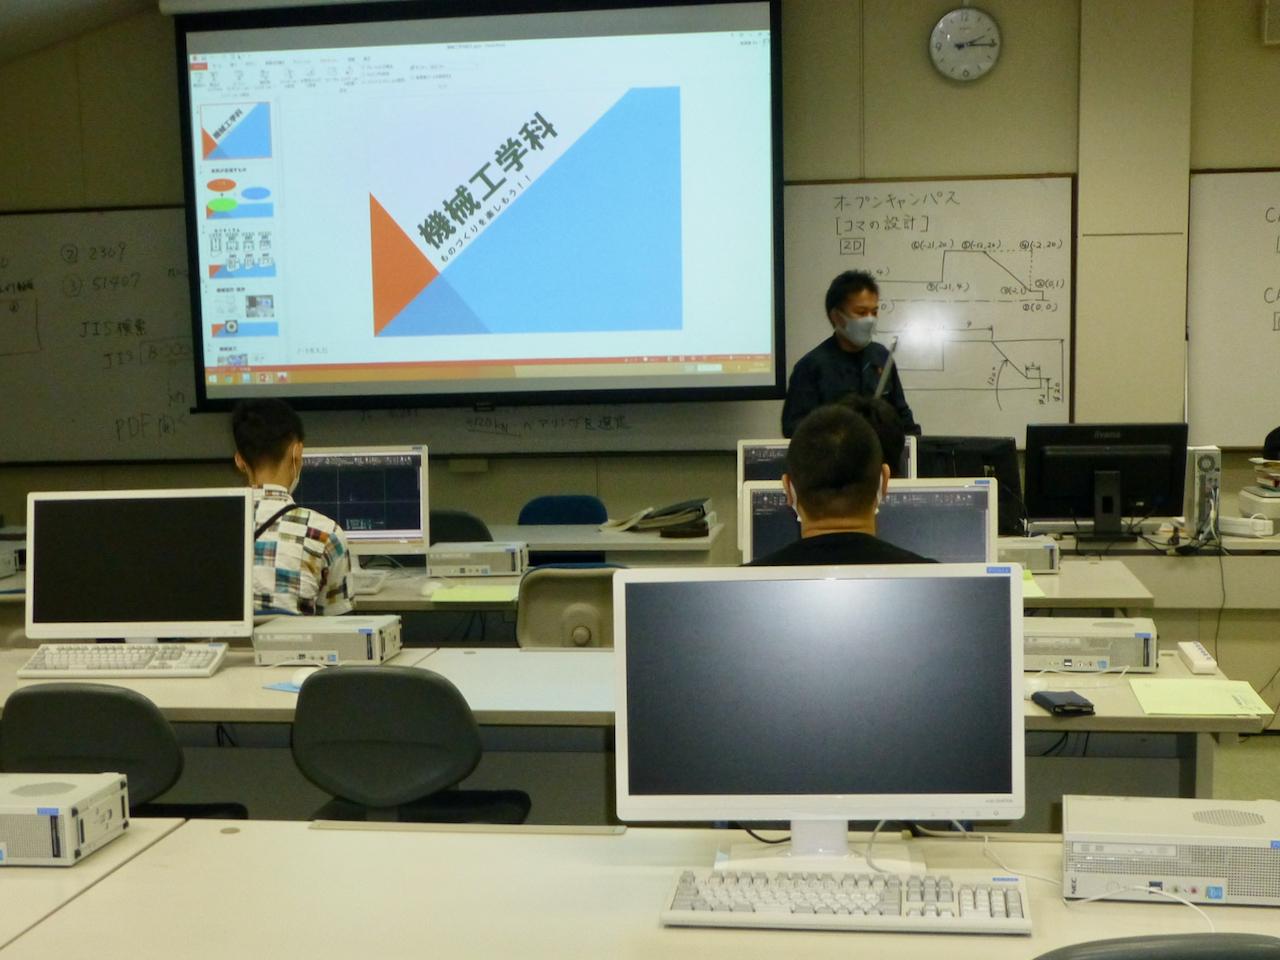 令和2年度オープンキャンパス 機械工学科